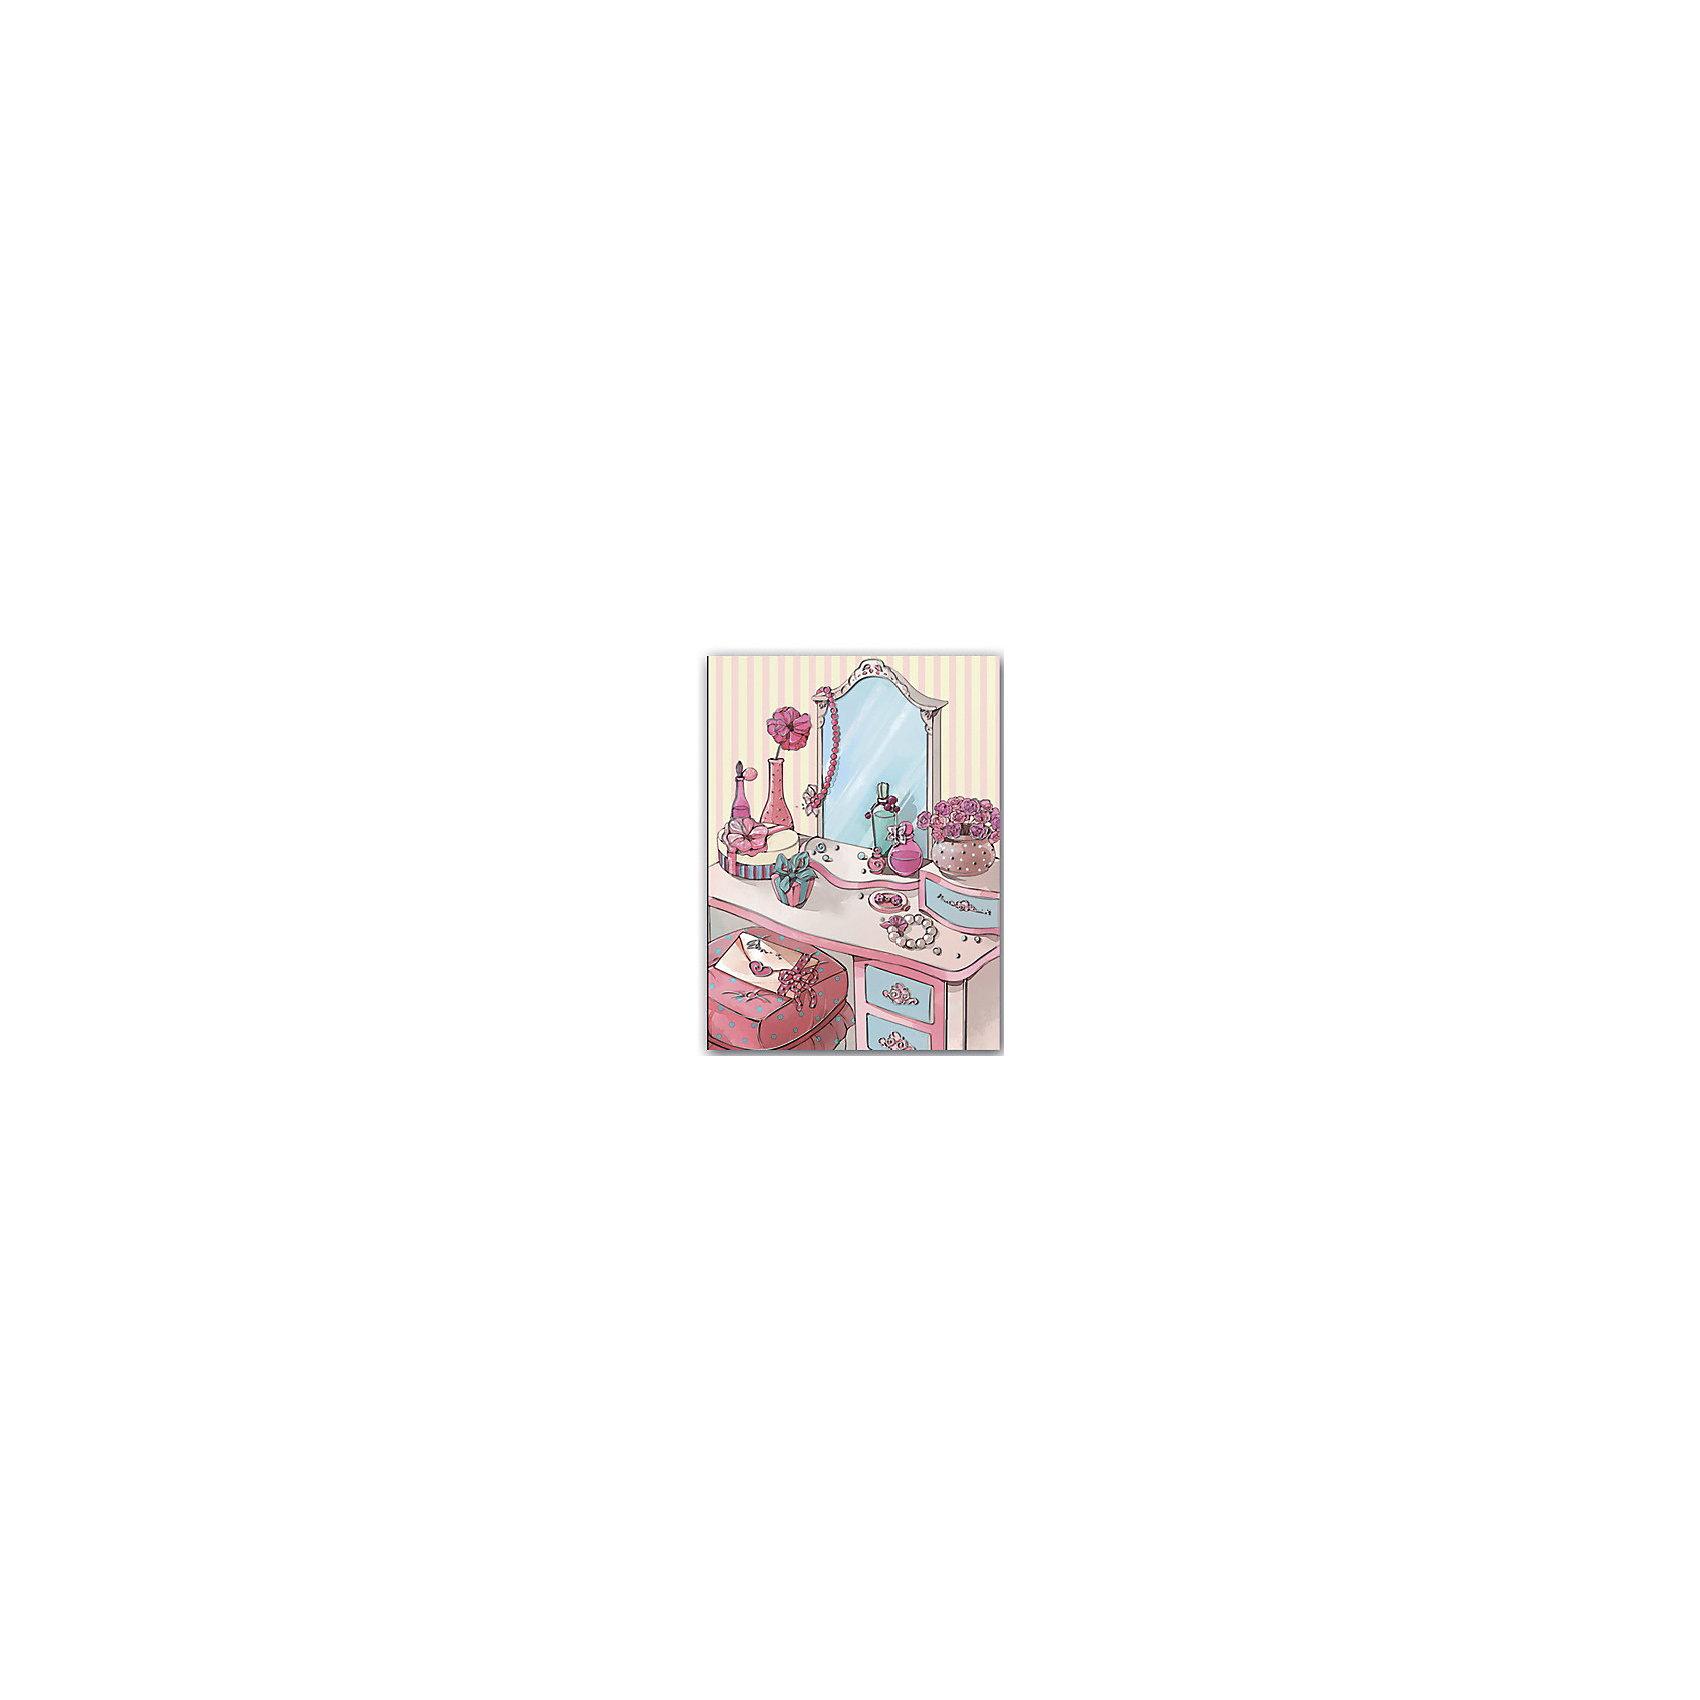 Записная книжка Для модниц А6, 160 листовБумажная продукция<br>Красивая записная книжка, украшенная оригинальным рисунком, стразами и фольгой обязательно понравится девочке и станет желанным подарком на любой праздник. Плотные страницы идеально подойдут для рисунков и записей, а прочная красивая обложка надежно сохранит все девичьи секреты!  <br>Небольшой формат позволяет брать записную книжку куда угодно - она запросто поместится в любой сумочке и всегда будет под рукой! <br><br>Дополнительная информация:<br><br>- Обложка: твердая, 7БЦ с печатью по металлизированной бумаге, тиснение серебряной фольгой. <br>- Количество страниц: 160.<br>- Формат А6 (15 х 11 см.).<br><br>Записную книжку Для модниц, А6, можно купить в нашем магазине.<br><br>Ширина мм: 110<br>Глубина мм: 145<br>Высота мм: 10<br>Вес г: 130<br>Возраст от месяцев: 48<br>Возраст до месяцев: 2147483647<br>Пол: Женский<br>Возраст: Детский<br>SKU: 4756029